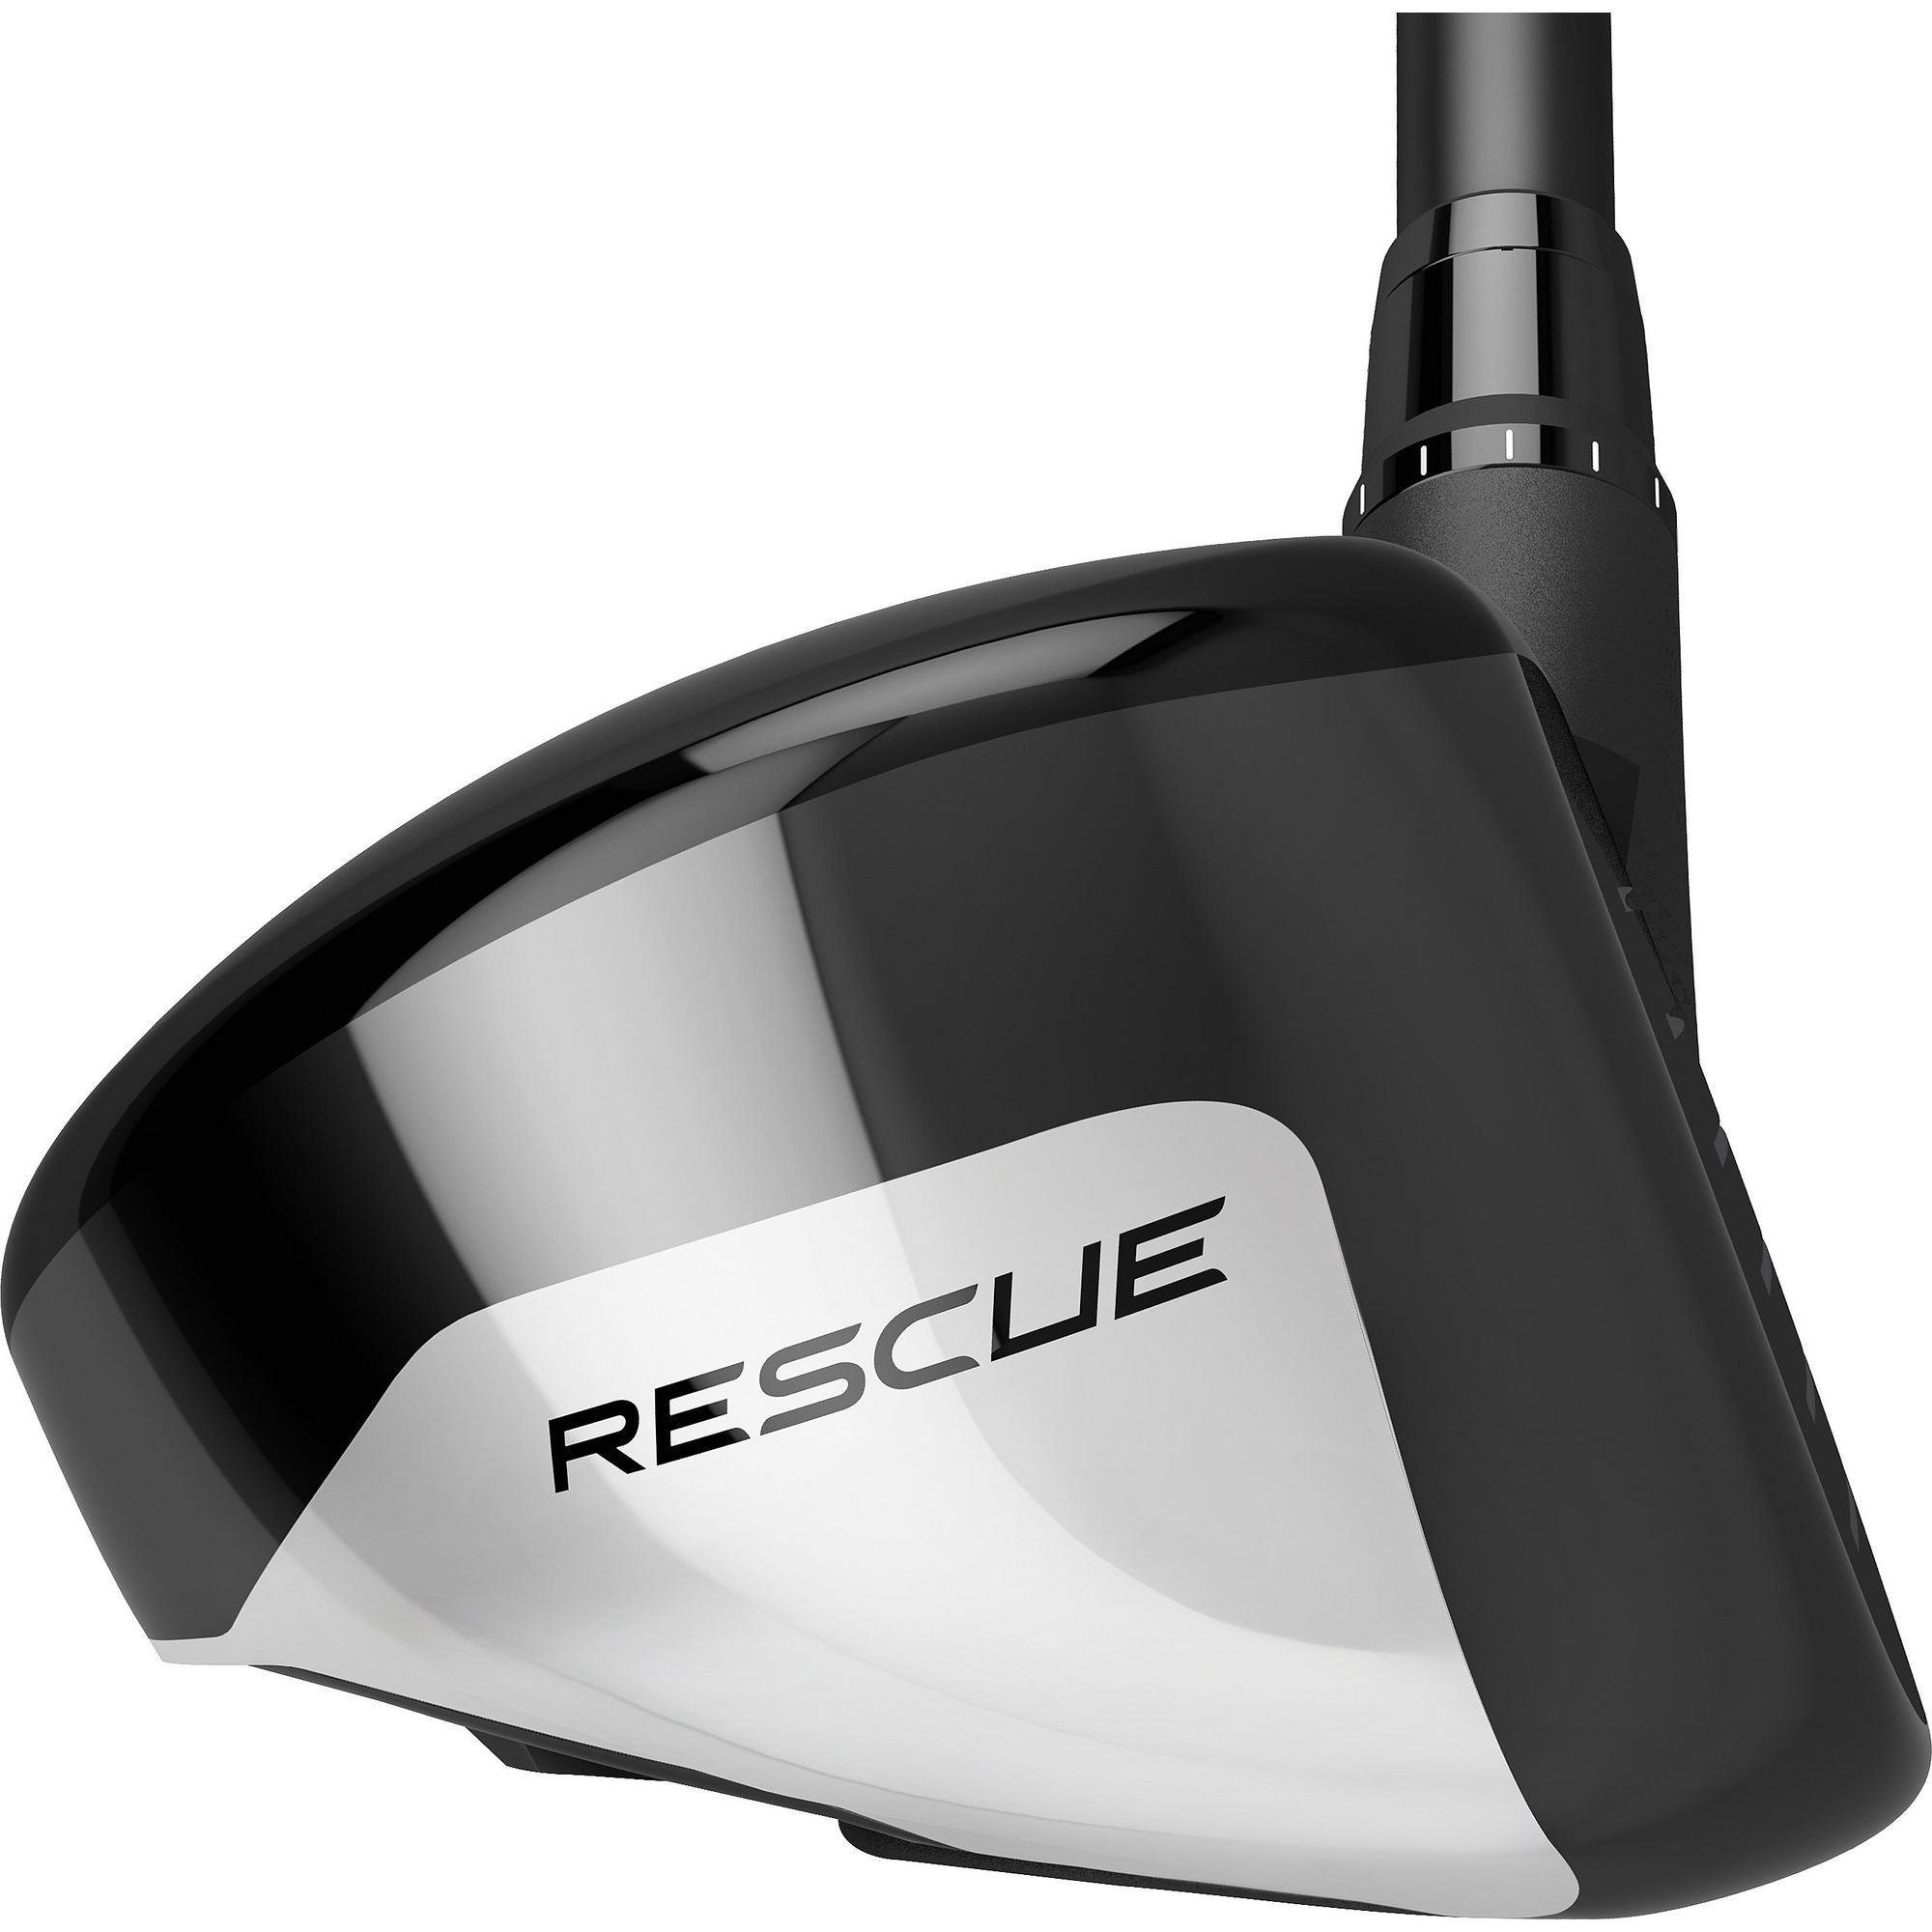 M1 Rescue